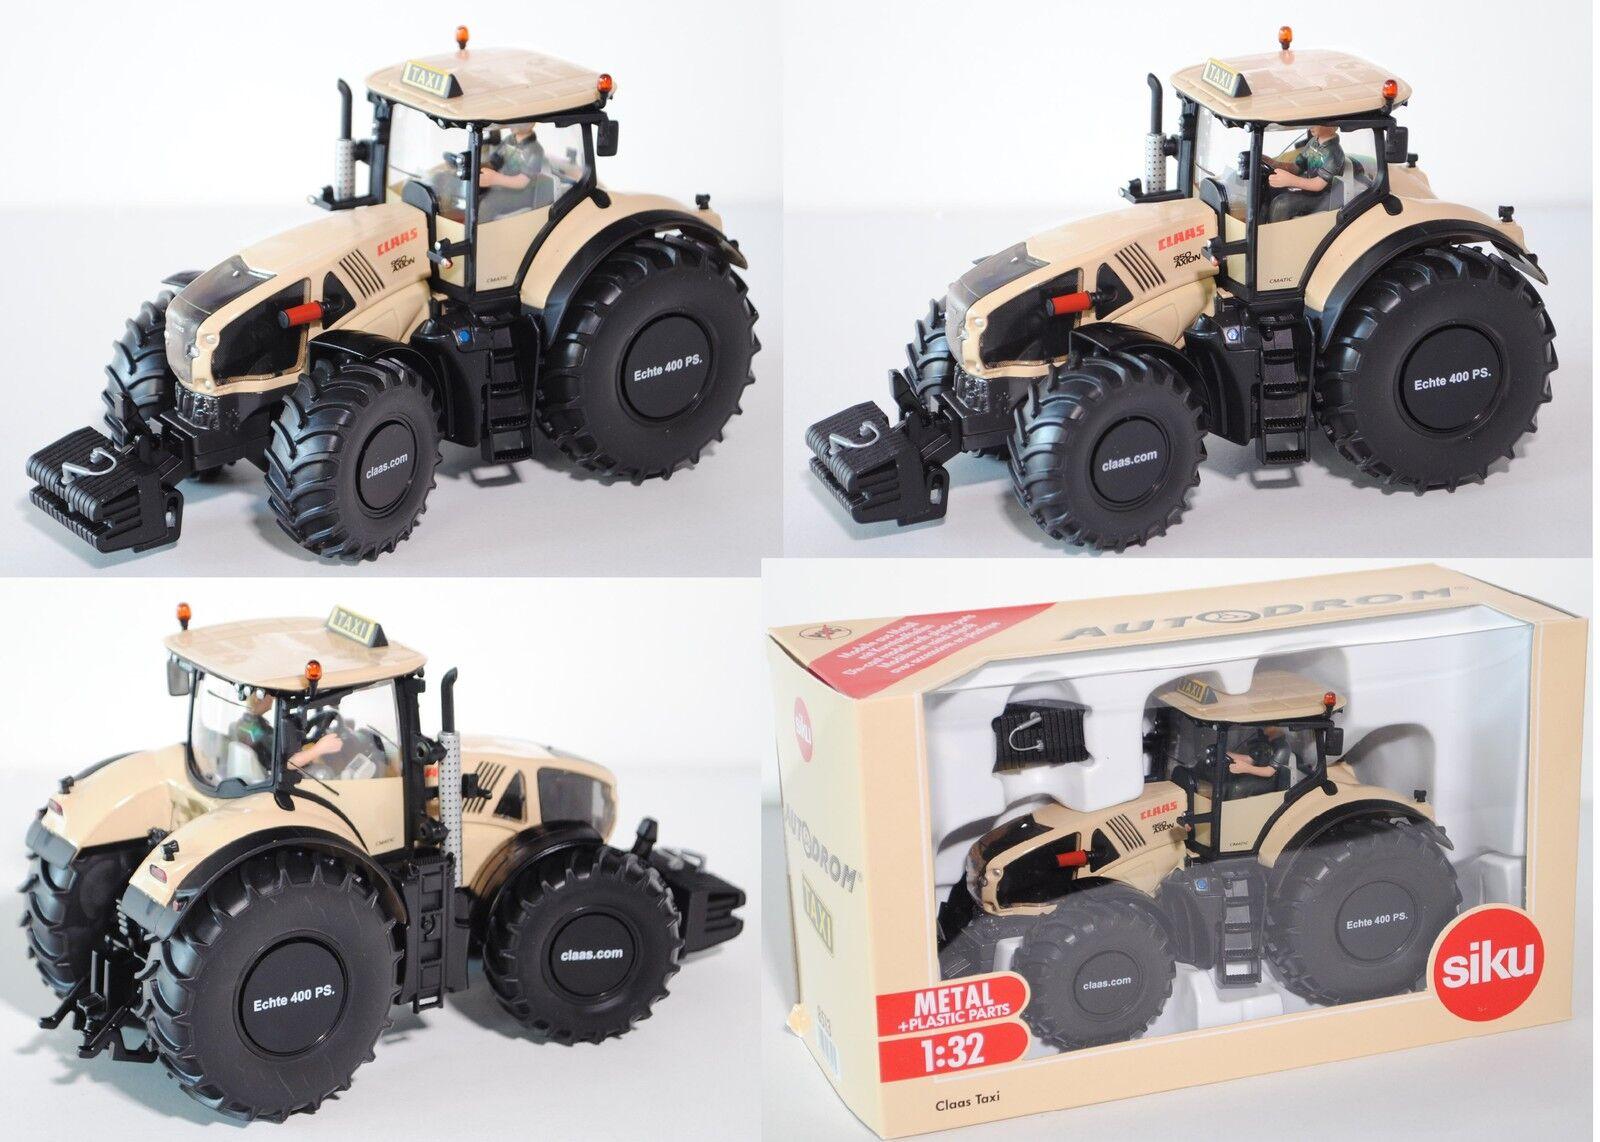 SIKU FARMER 8513 Claas Axion 950 Taxi tracteur, 1 32, modèle spécial